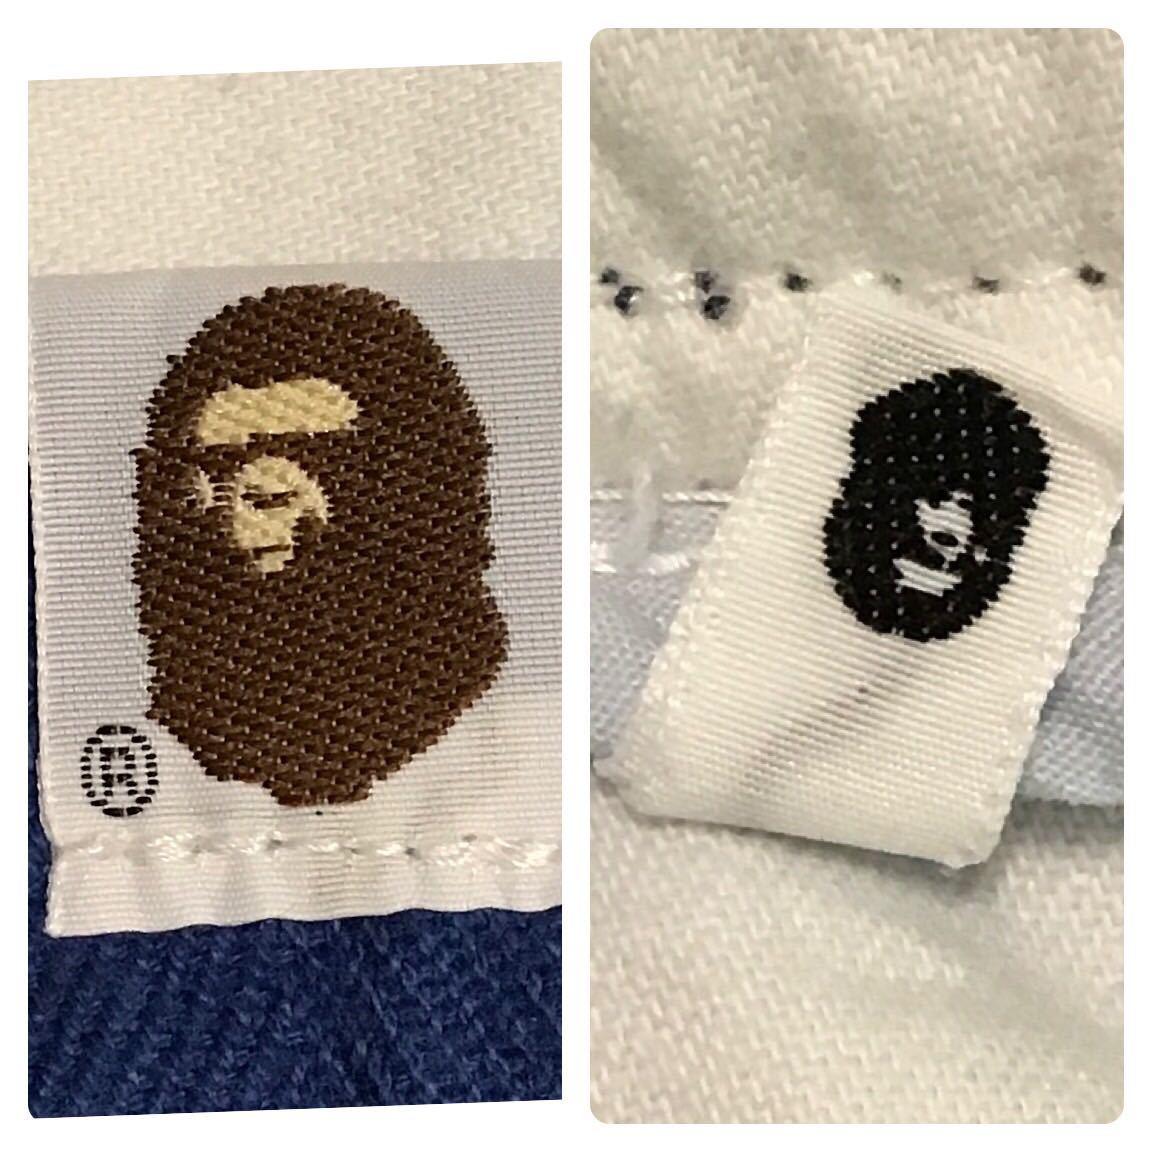 blue camo カーゴ ハーフパンツ Sサイズ a bathing ape BAPE shorts エイプ ベイプ アベイシングエイプ ブルーカモ 迷彩 995